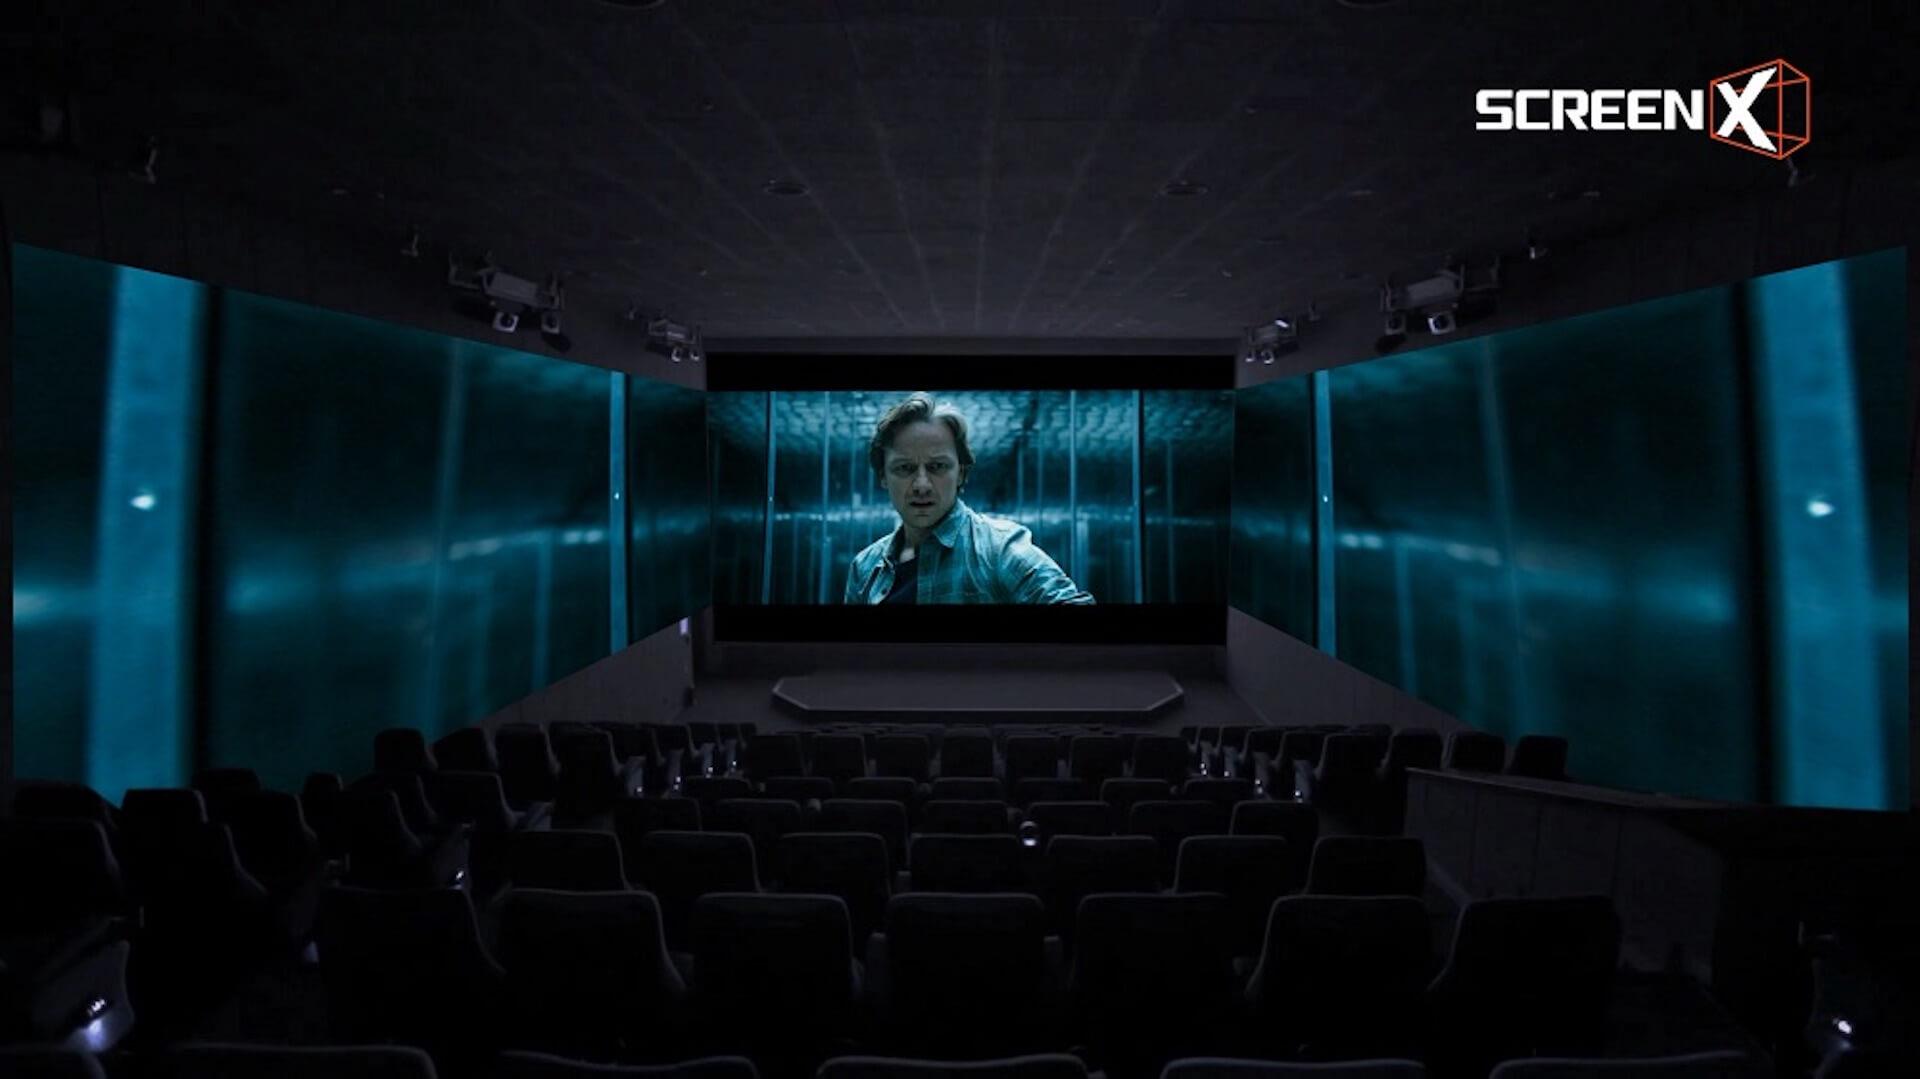 """270度・3面スクリーンからペニー・ワイズが襲いかかる!『IT/イット THE END """"それ""""が見えたら、終わり。』ScreenX上映決定 IT2_SX-still_01"""